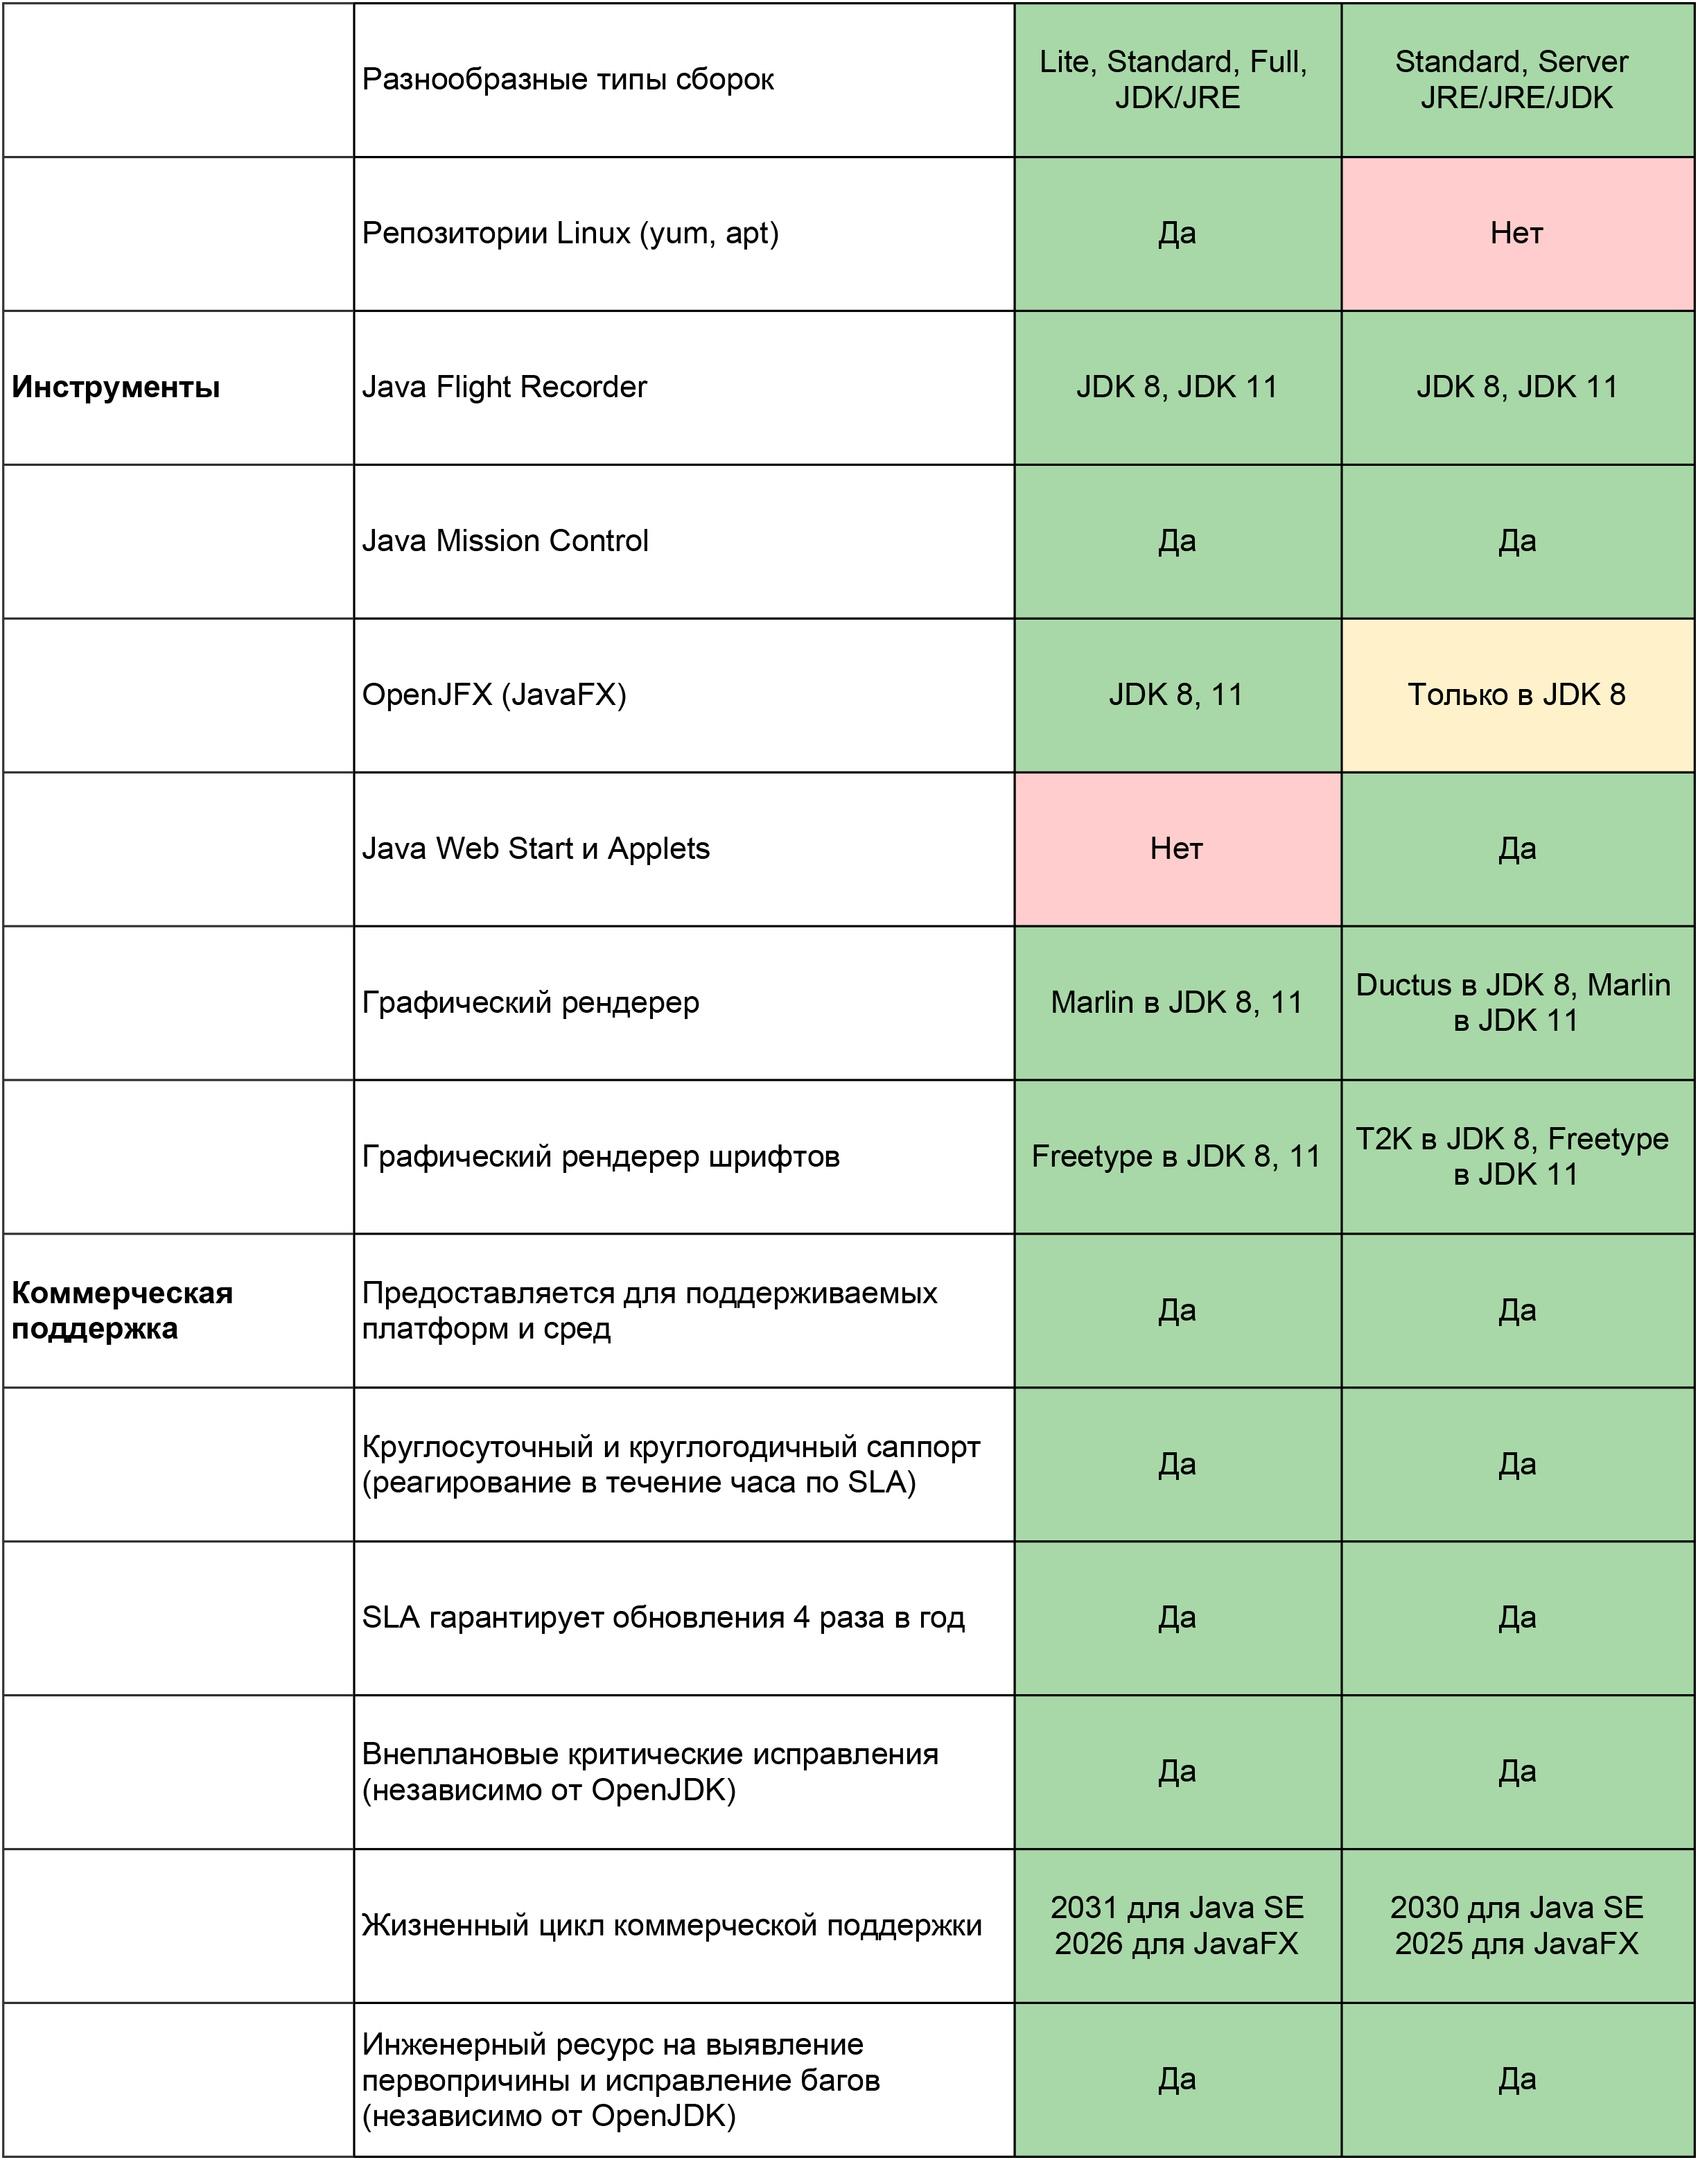 7 причин для перехода с Oracle JDK на Liberica JDK, изображение №3